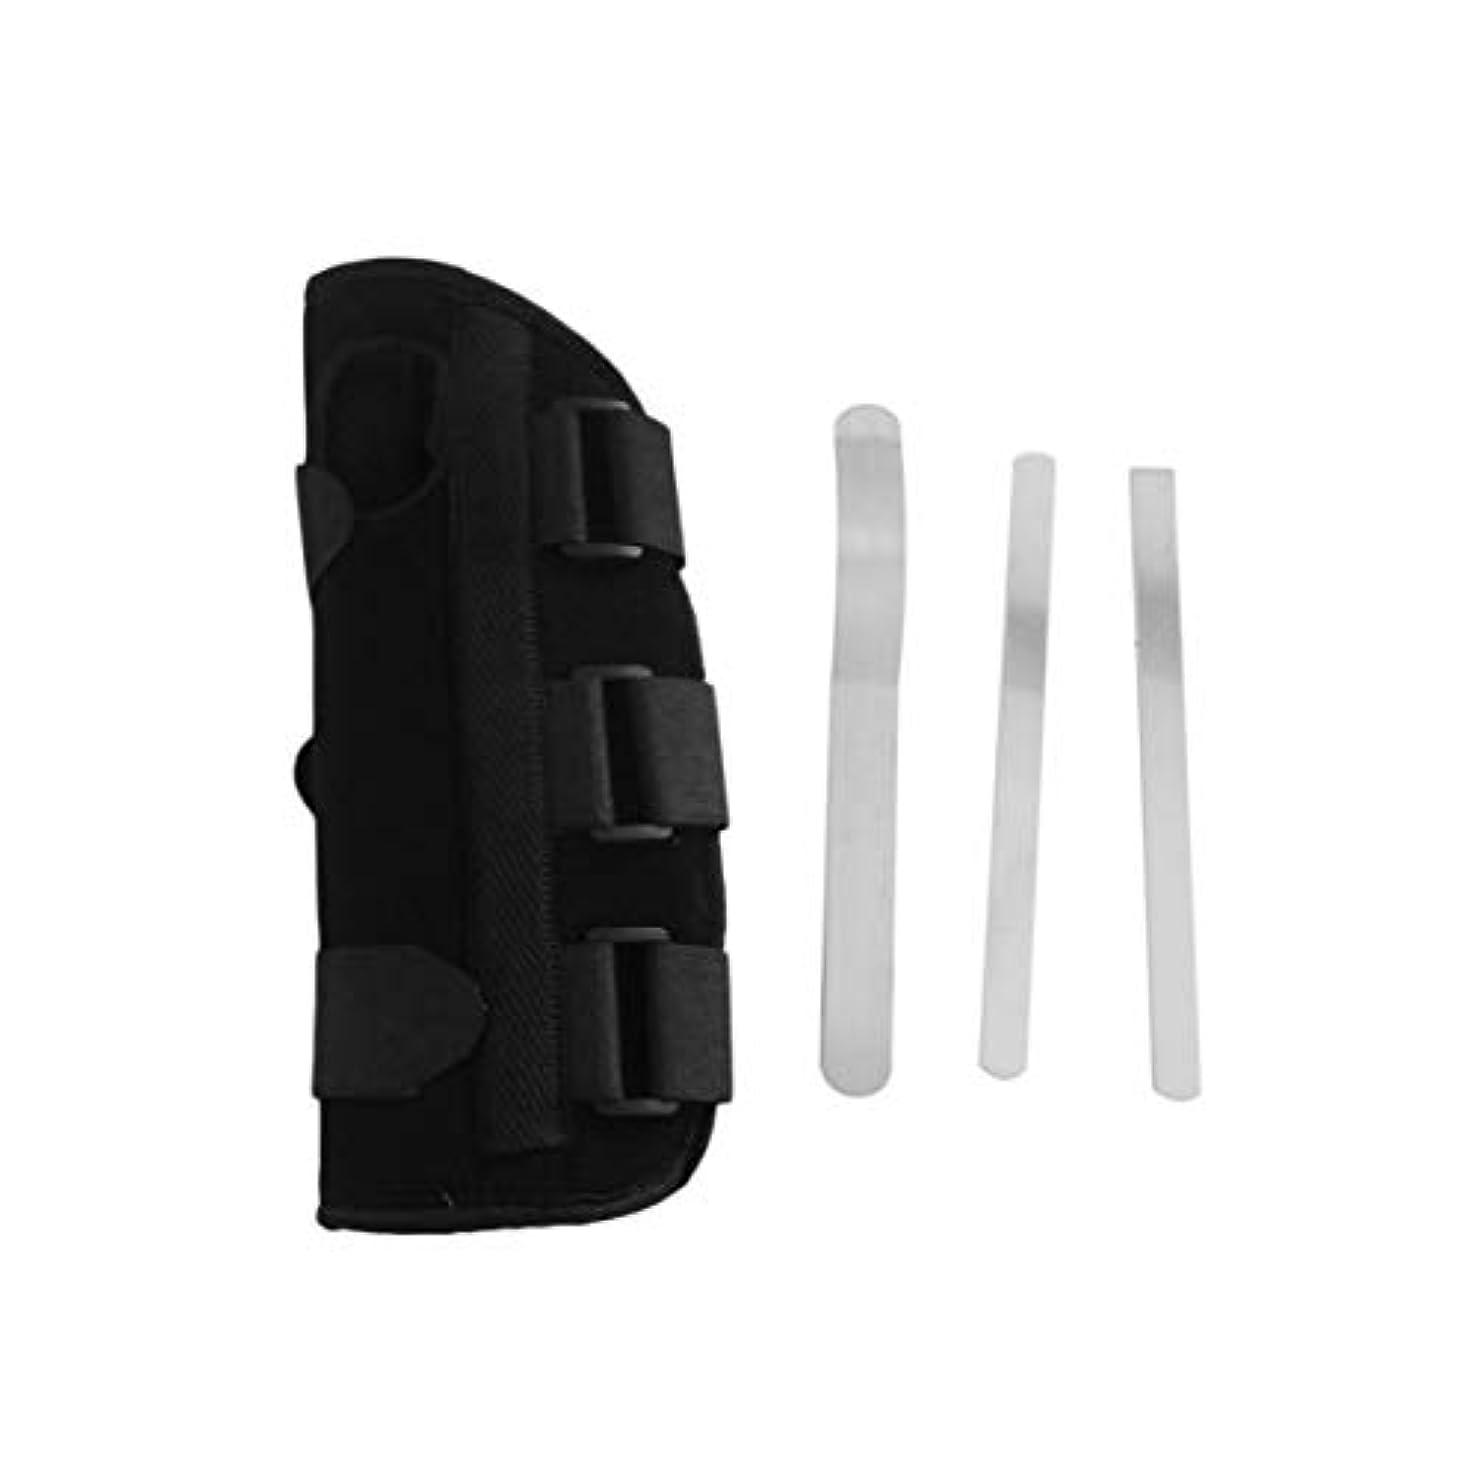 インカ帝国路地スクラップ手首副木ブレース保護サポートストラップカルペルトンネルCTS RSI痛み軽減取り外し可能な副木快適な軽量ストラップ - ブラックS